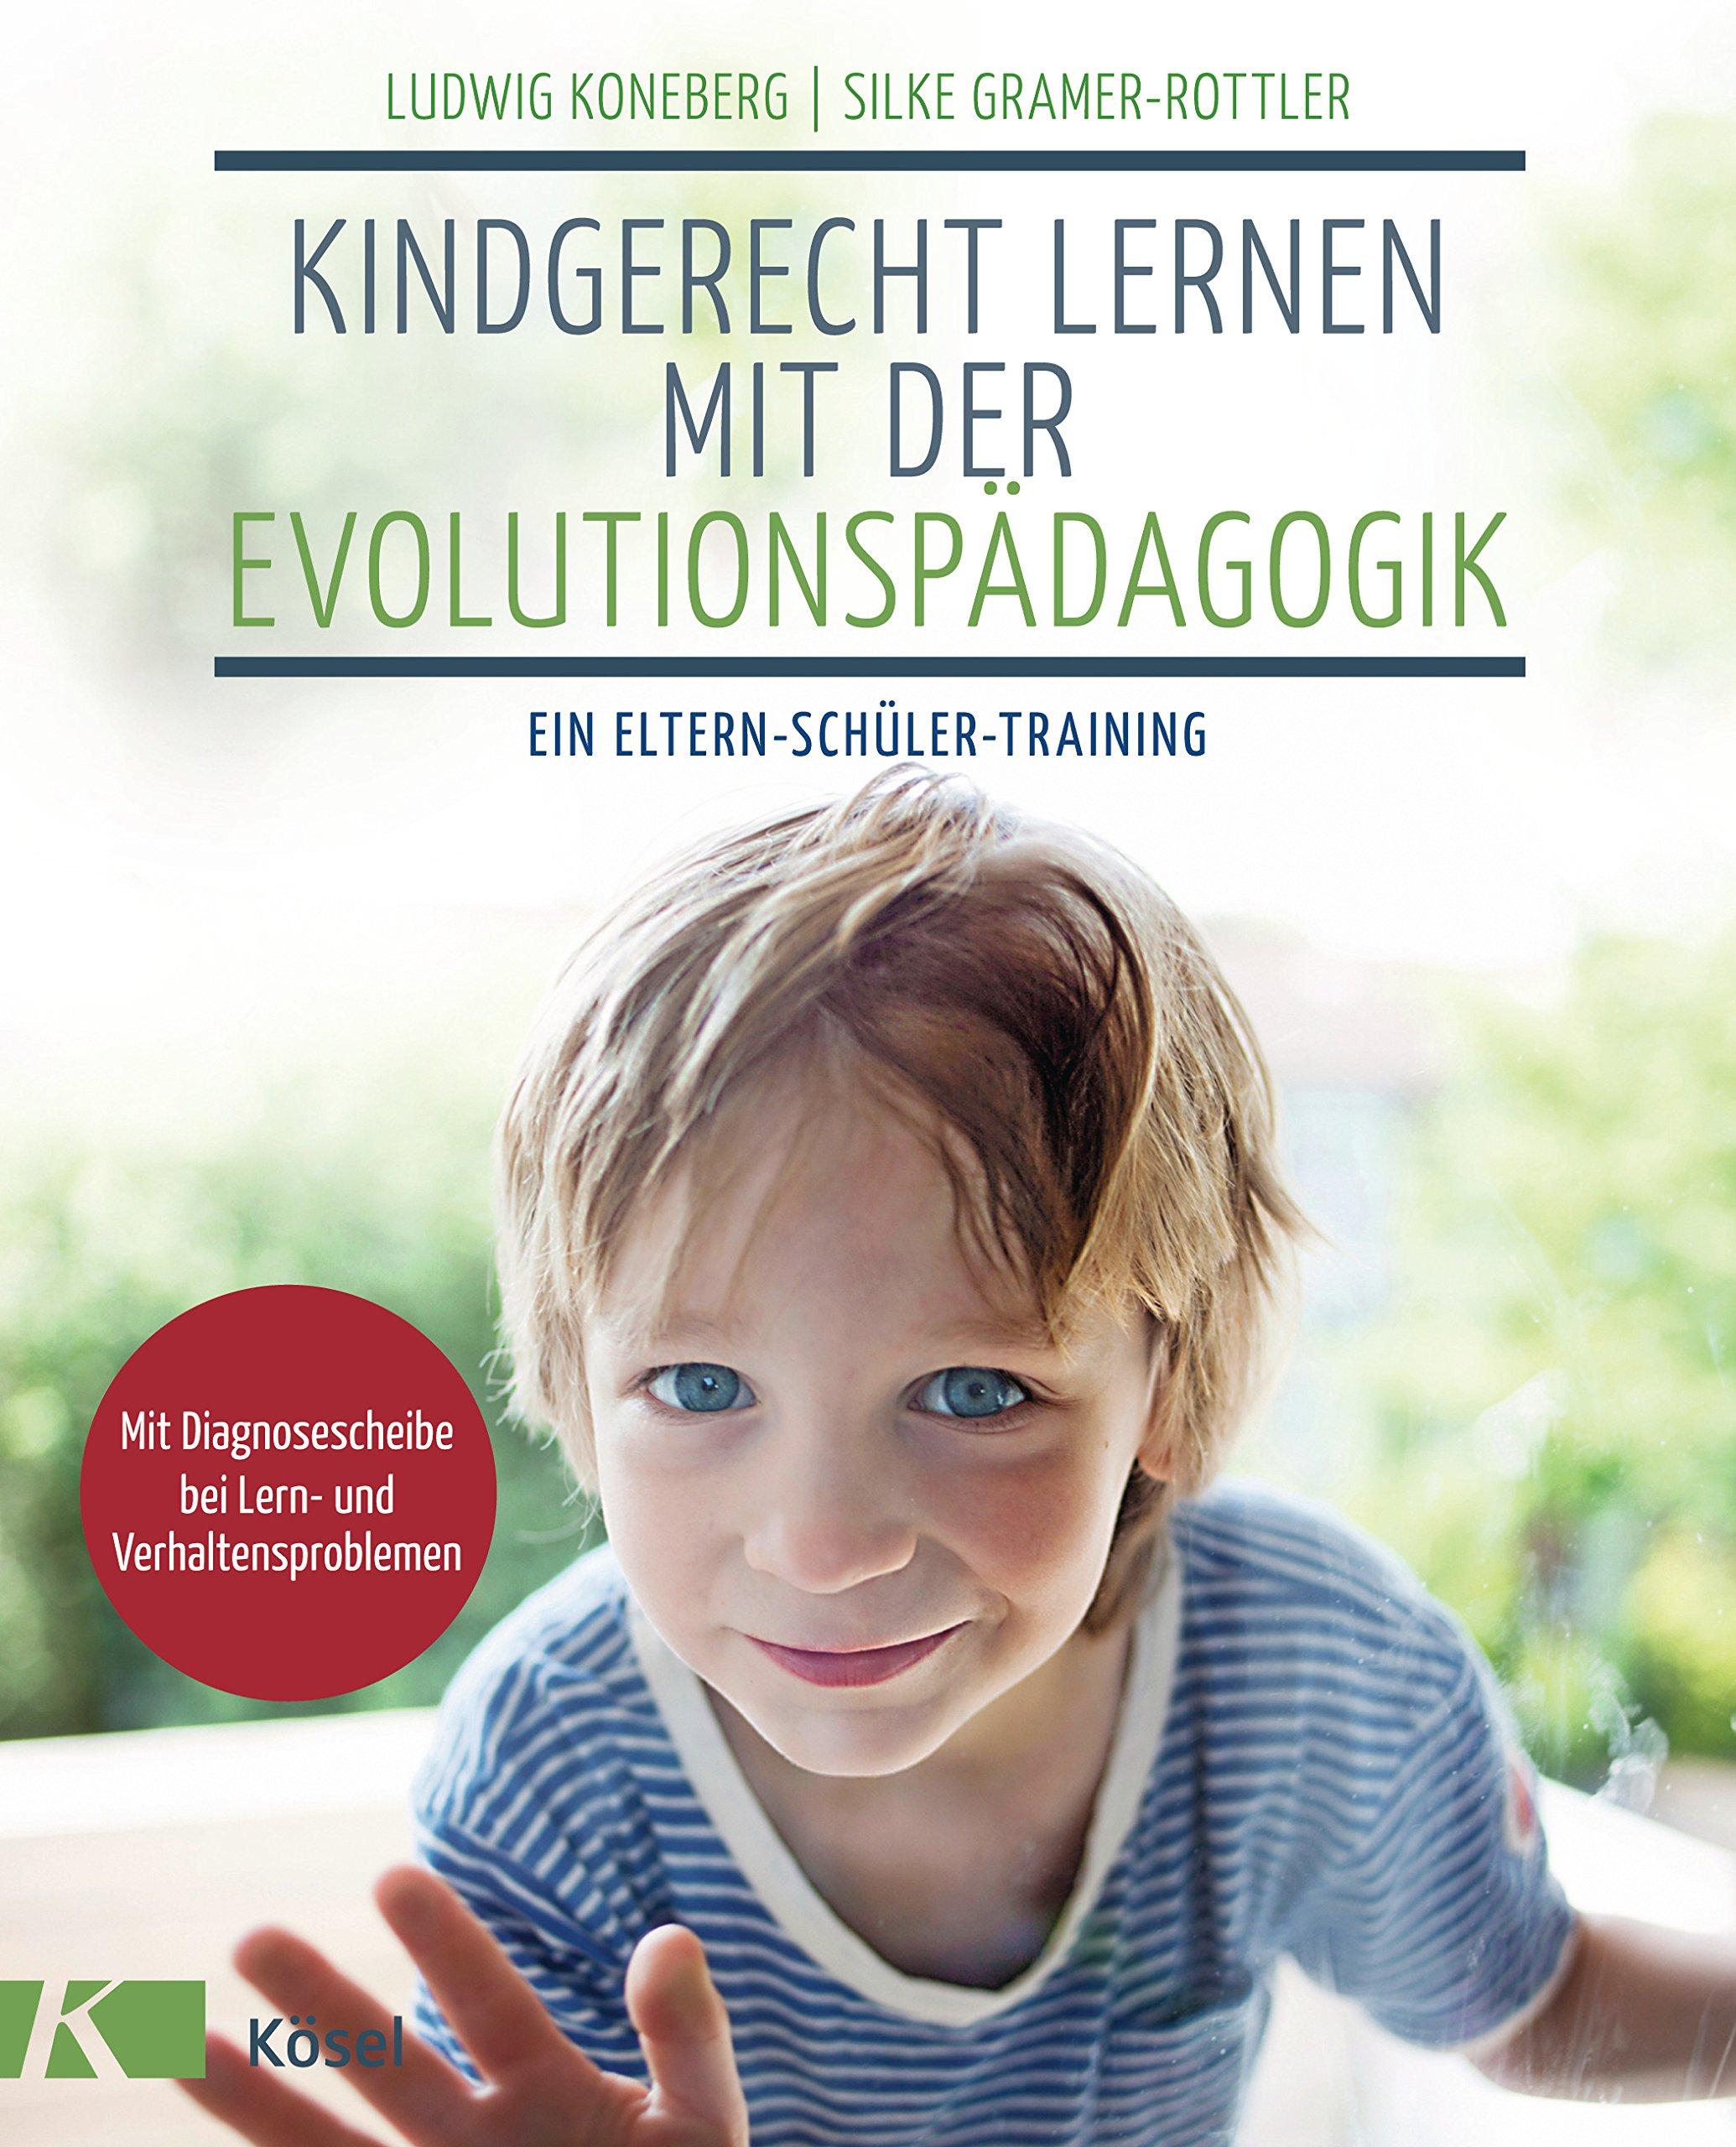 Kindgerecht lernen mit der Evolutionspädagogik: Ein Eltern-Schüler-Training